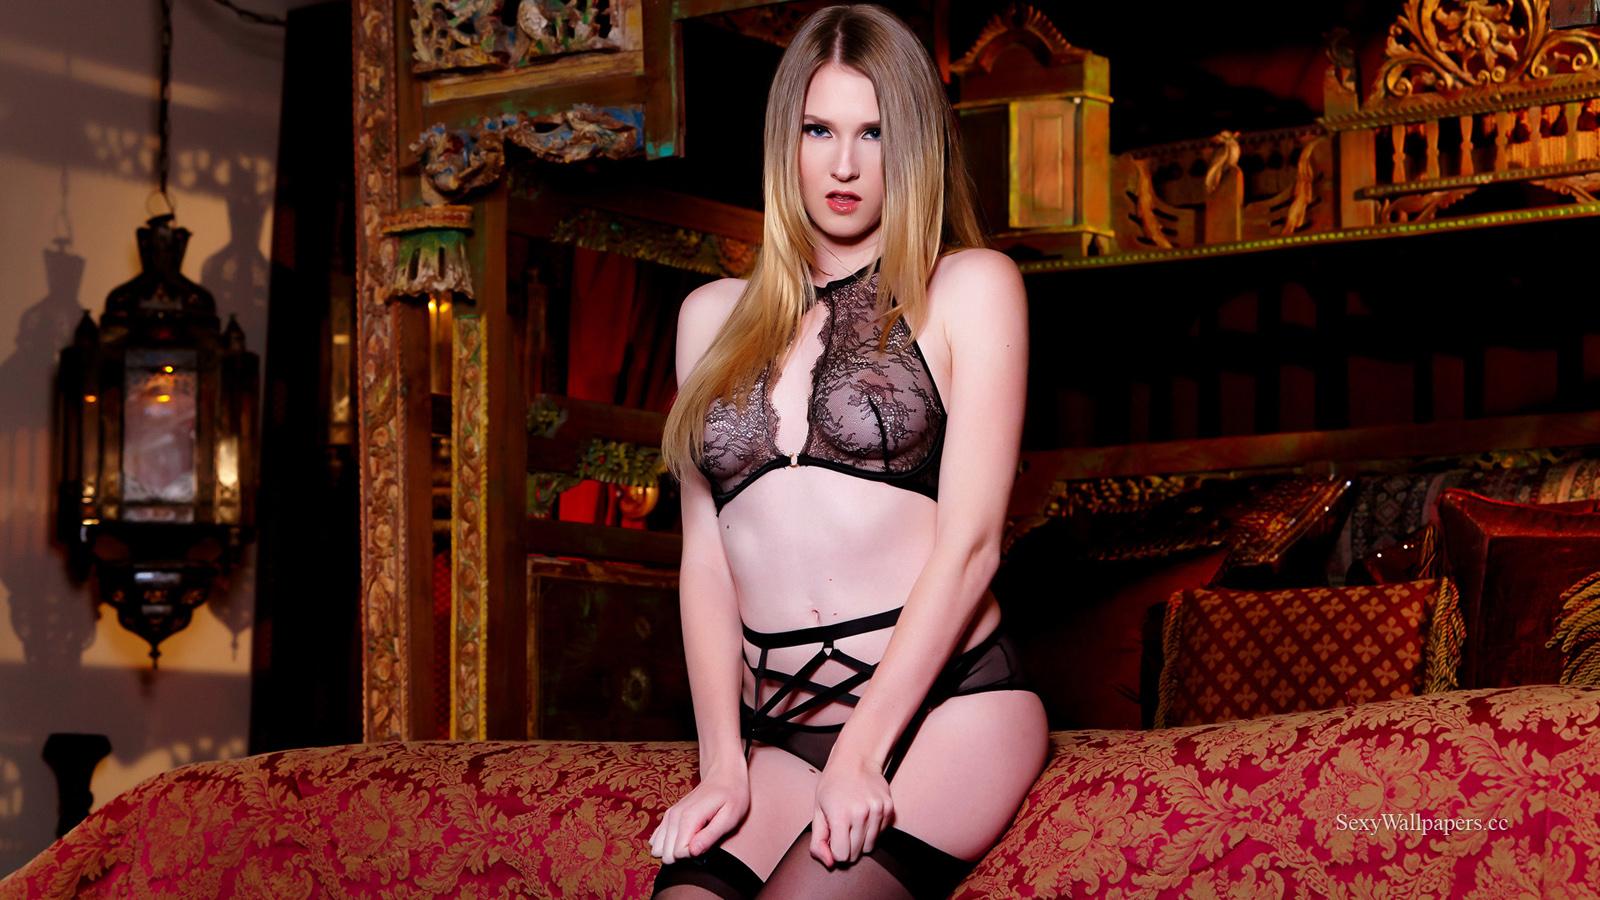 Ashley Lane sexy wallpaper 1600x900